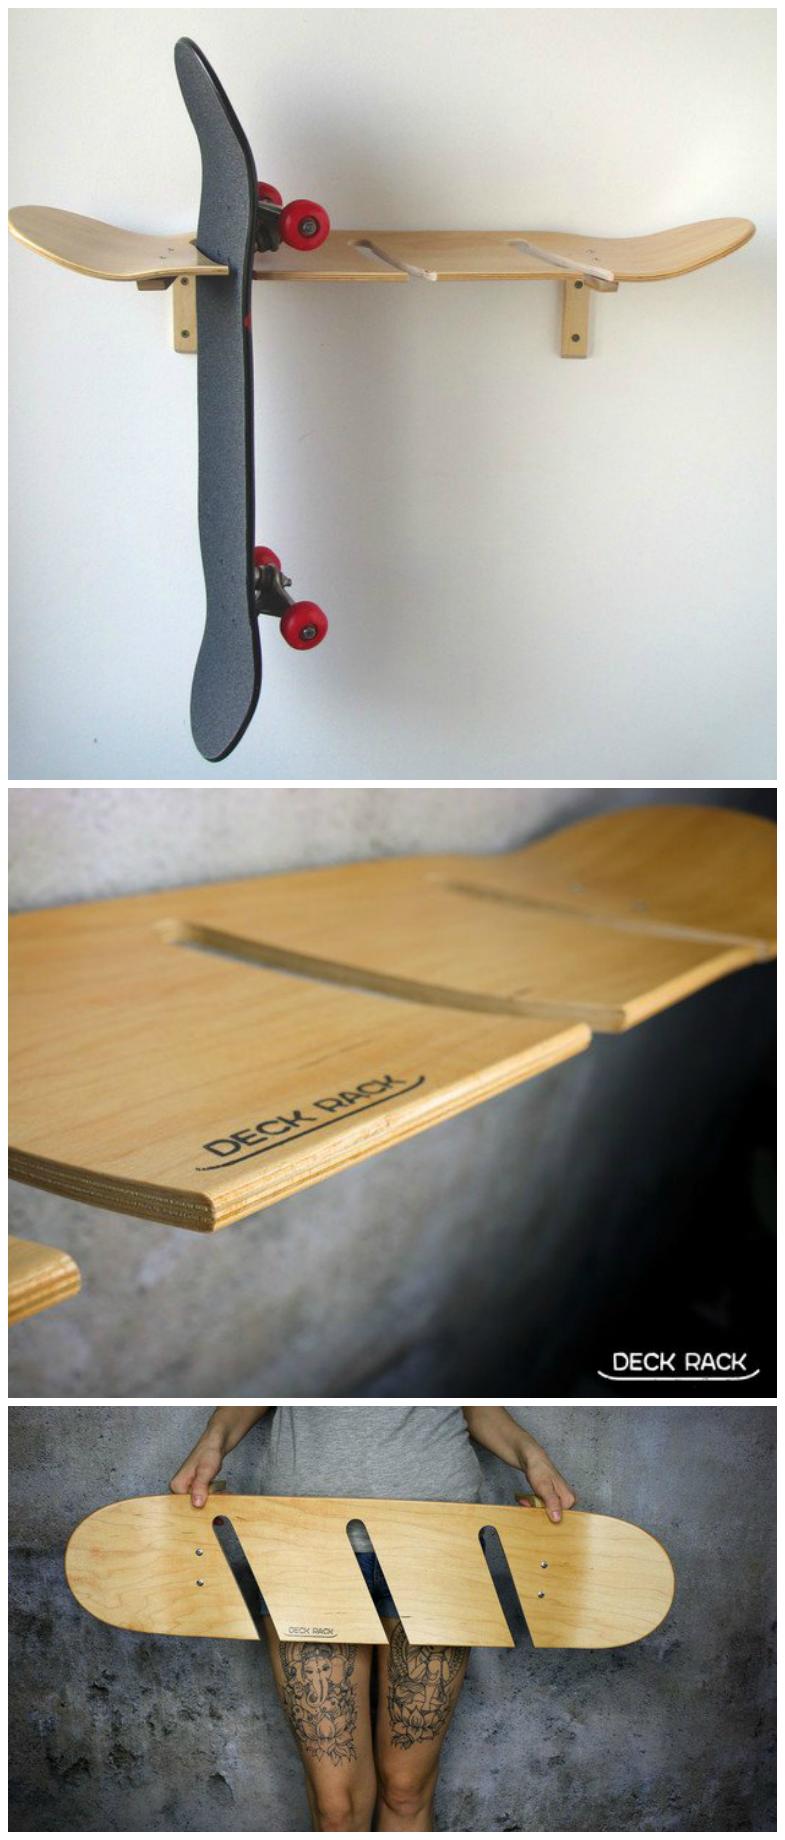 coole wandhalterung fr longboards oder skateboards die halterung besteht selbst aus einem skateboard deck - Skateboard Regal Kinder Schlafzimmer